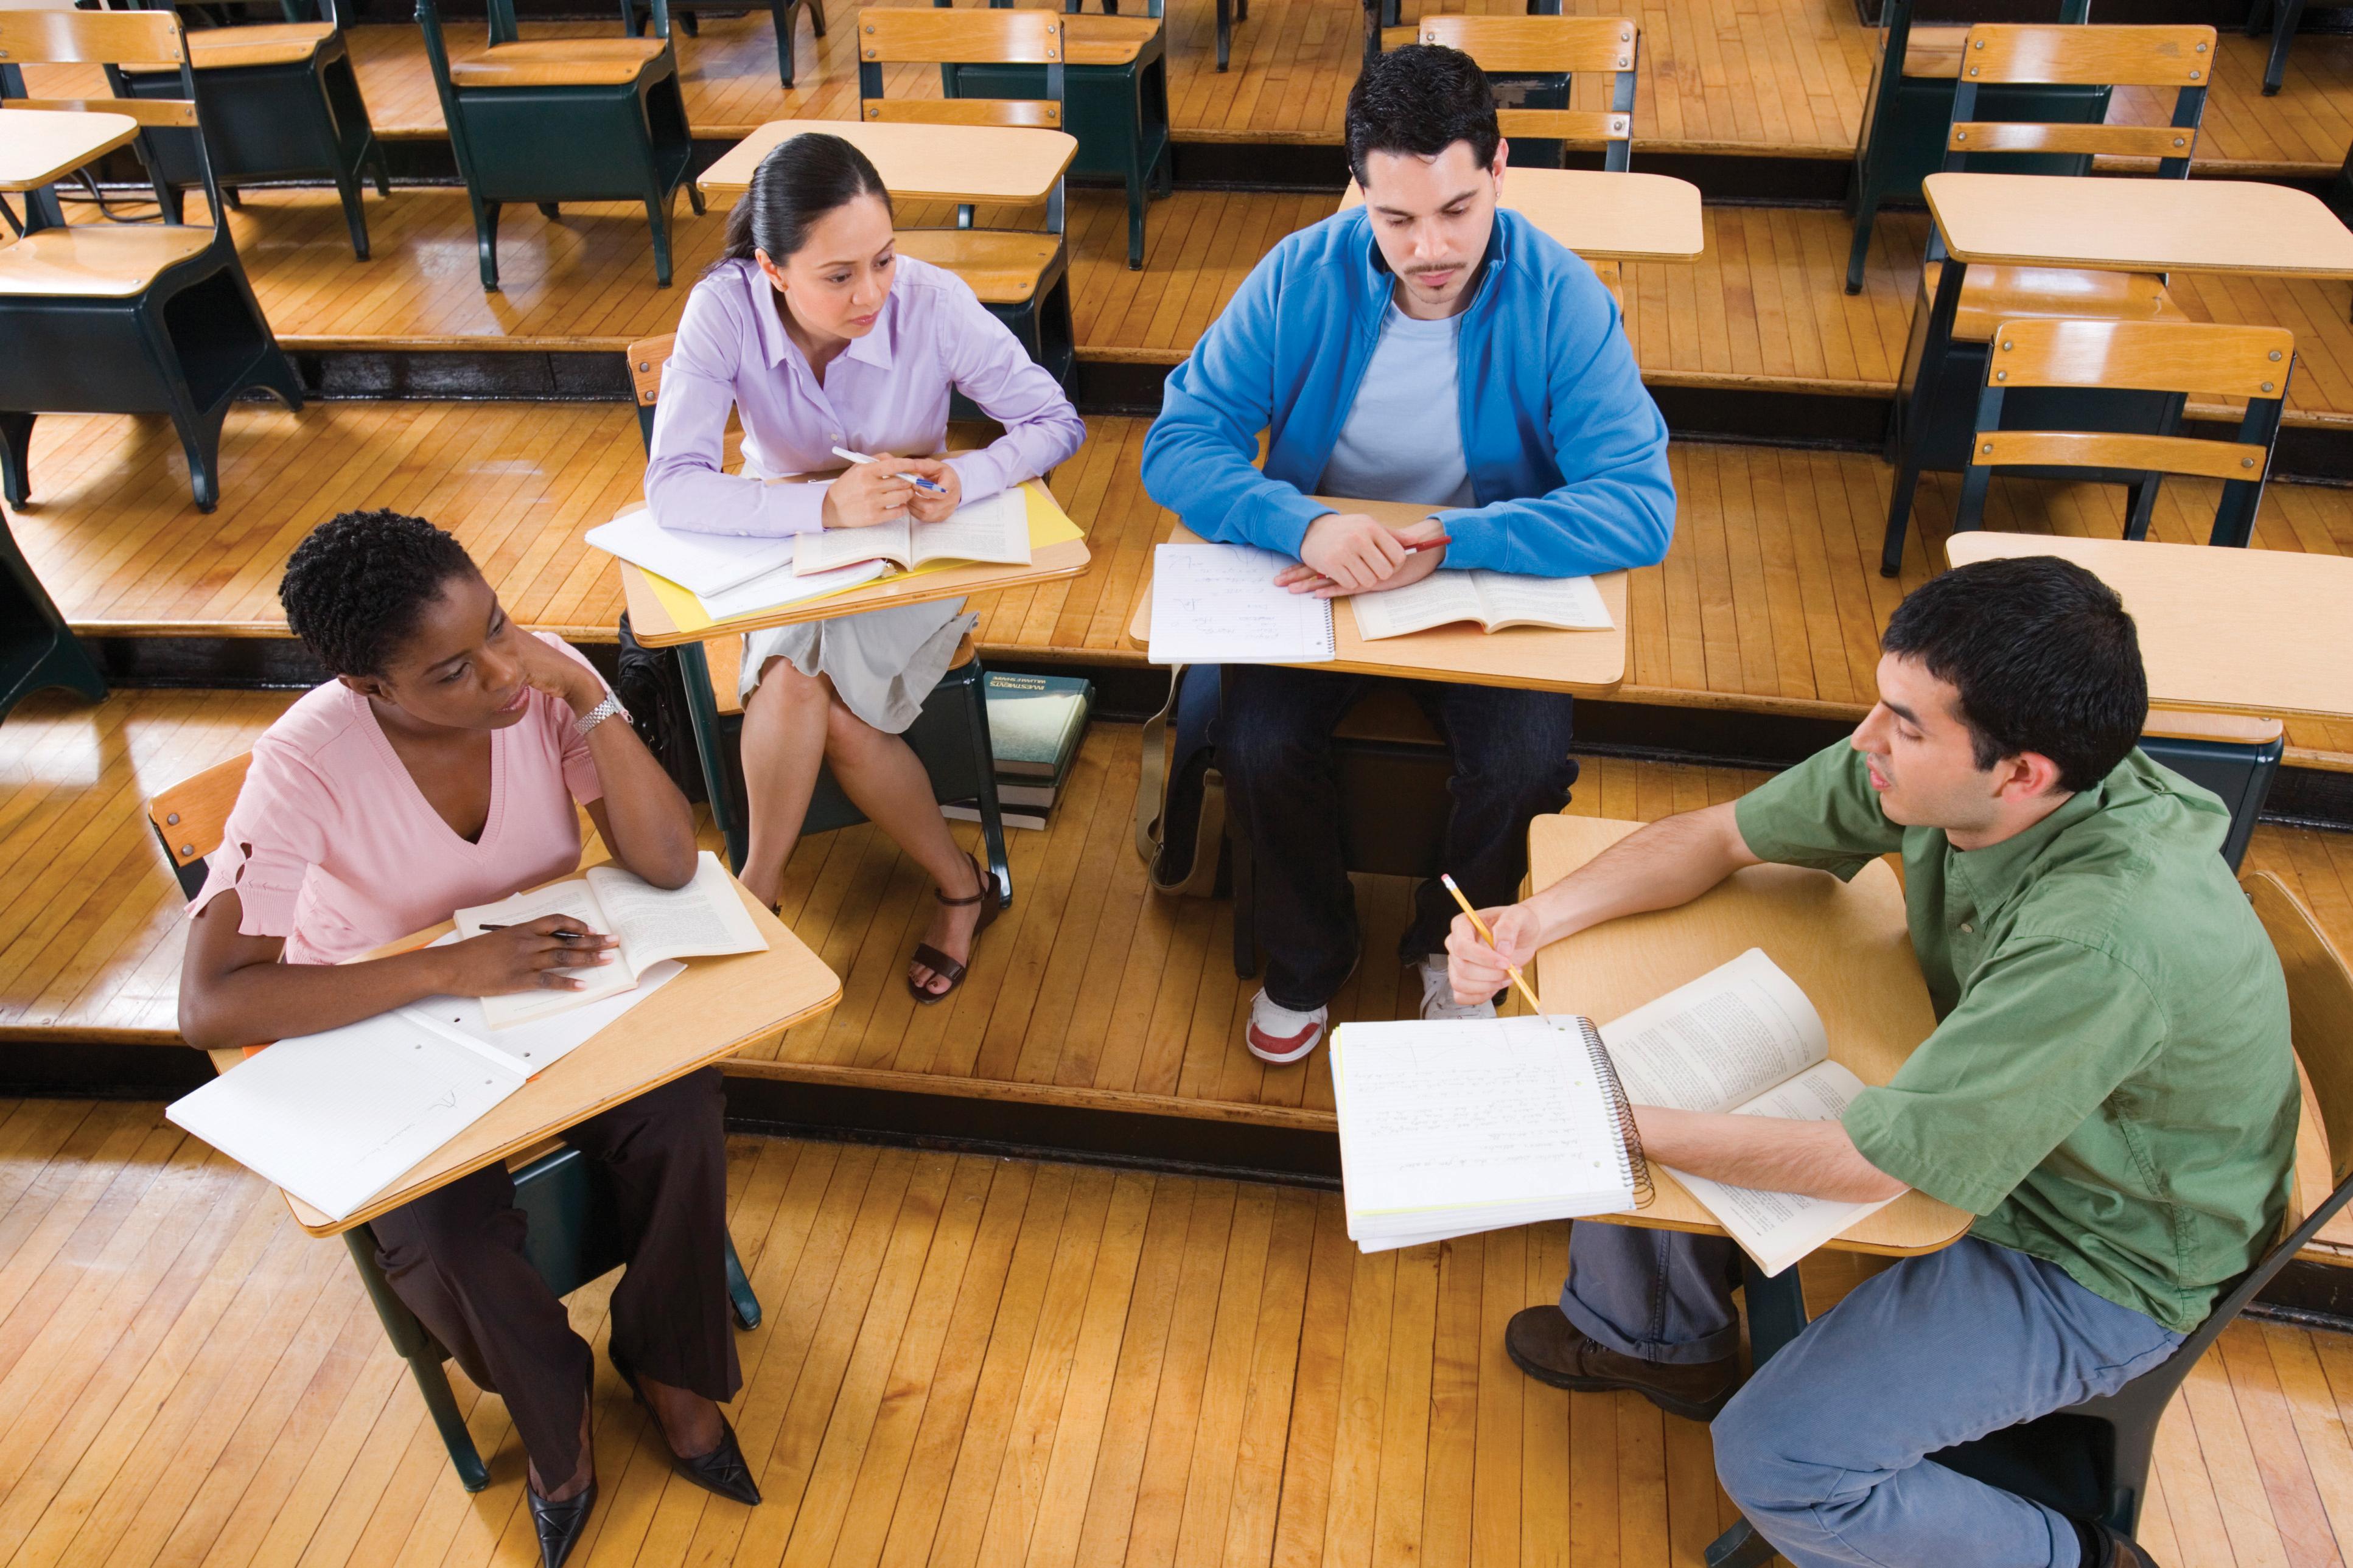 Секс в школе за экзамен 11 фотография